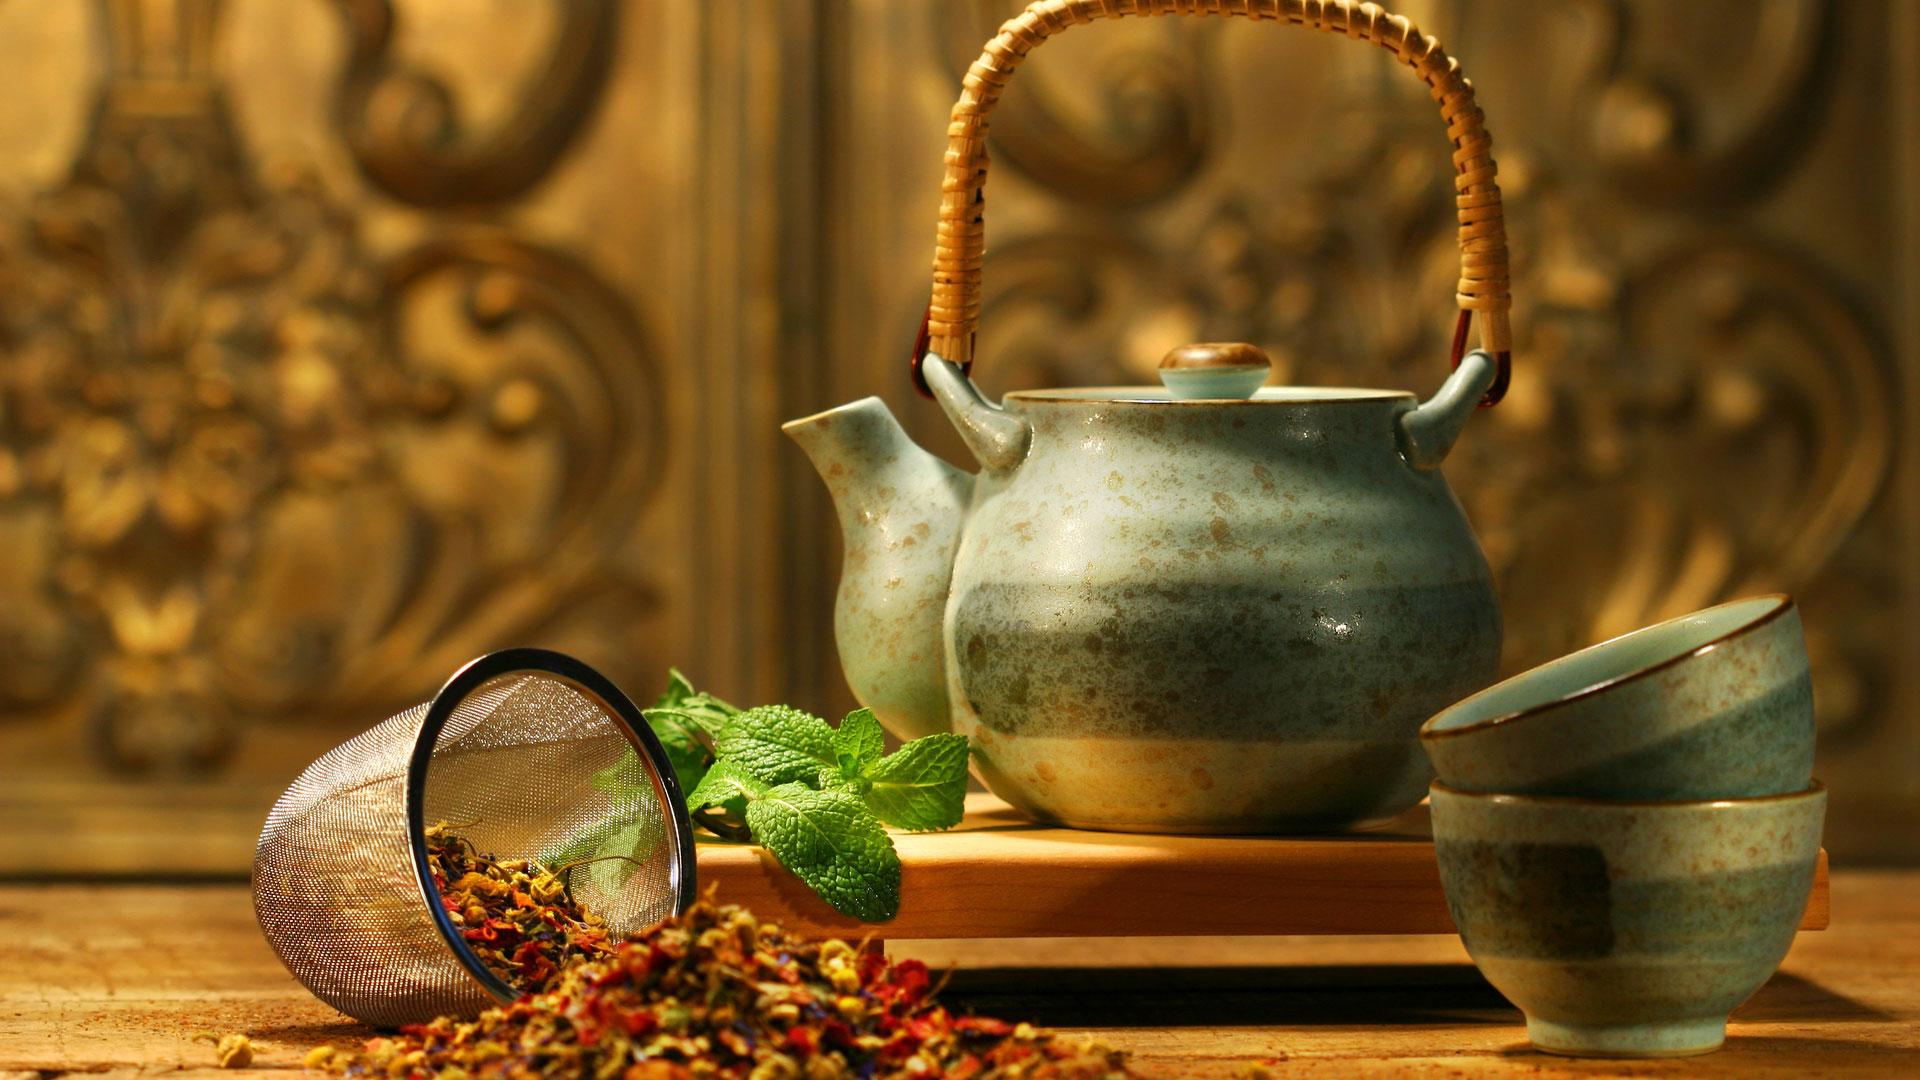 чай красиво на столе